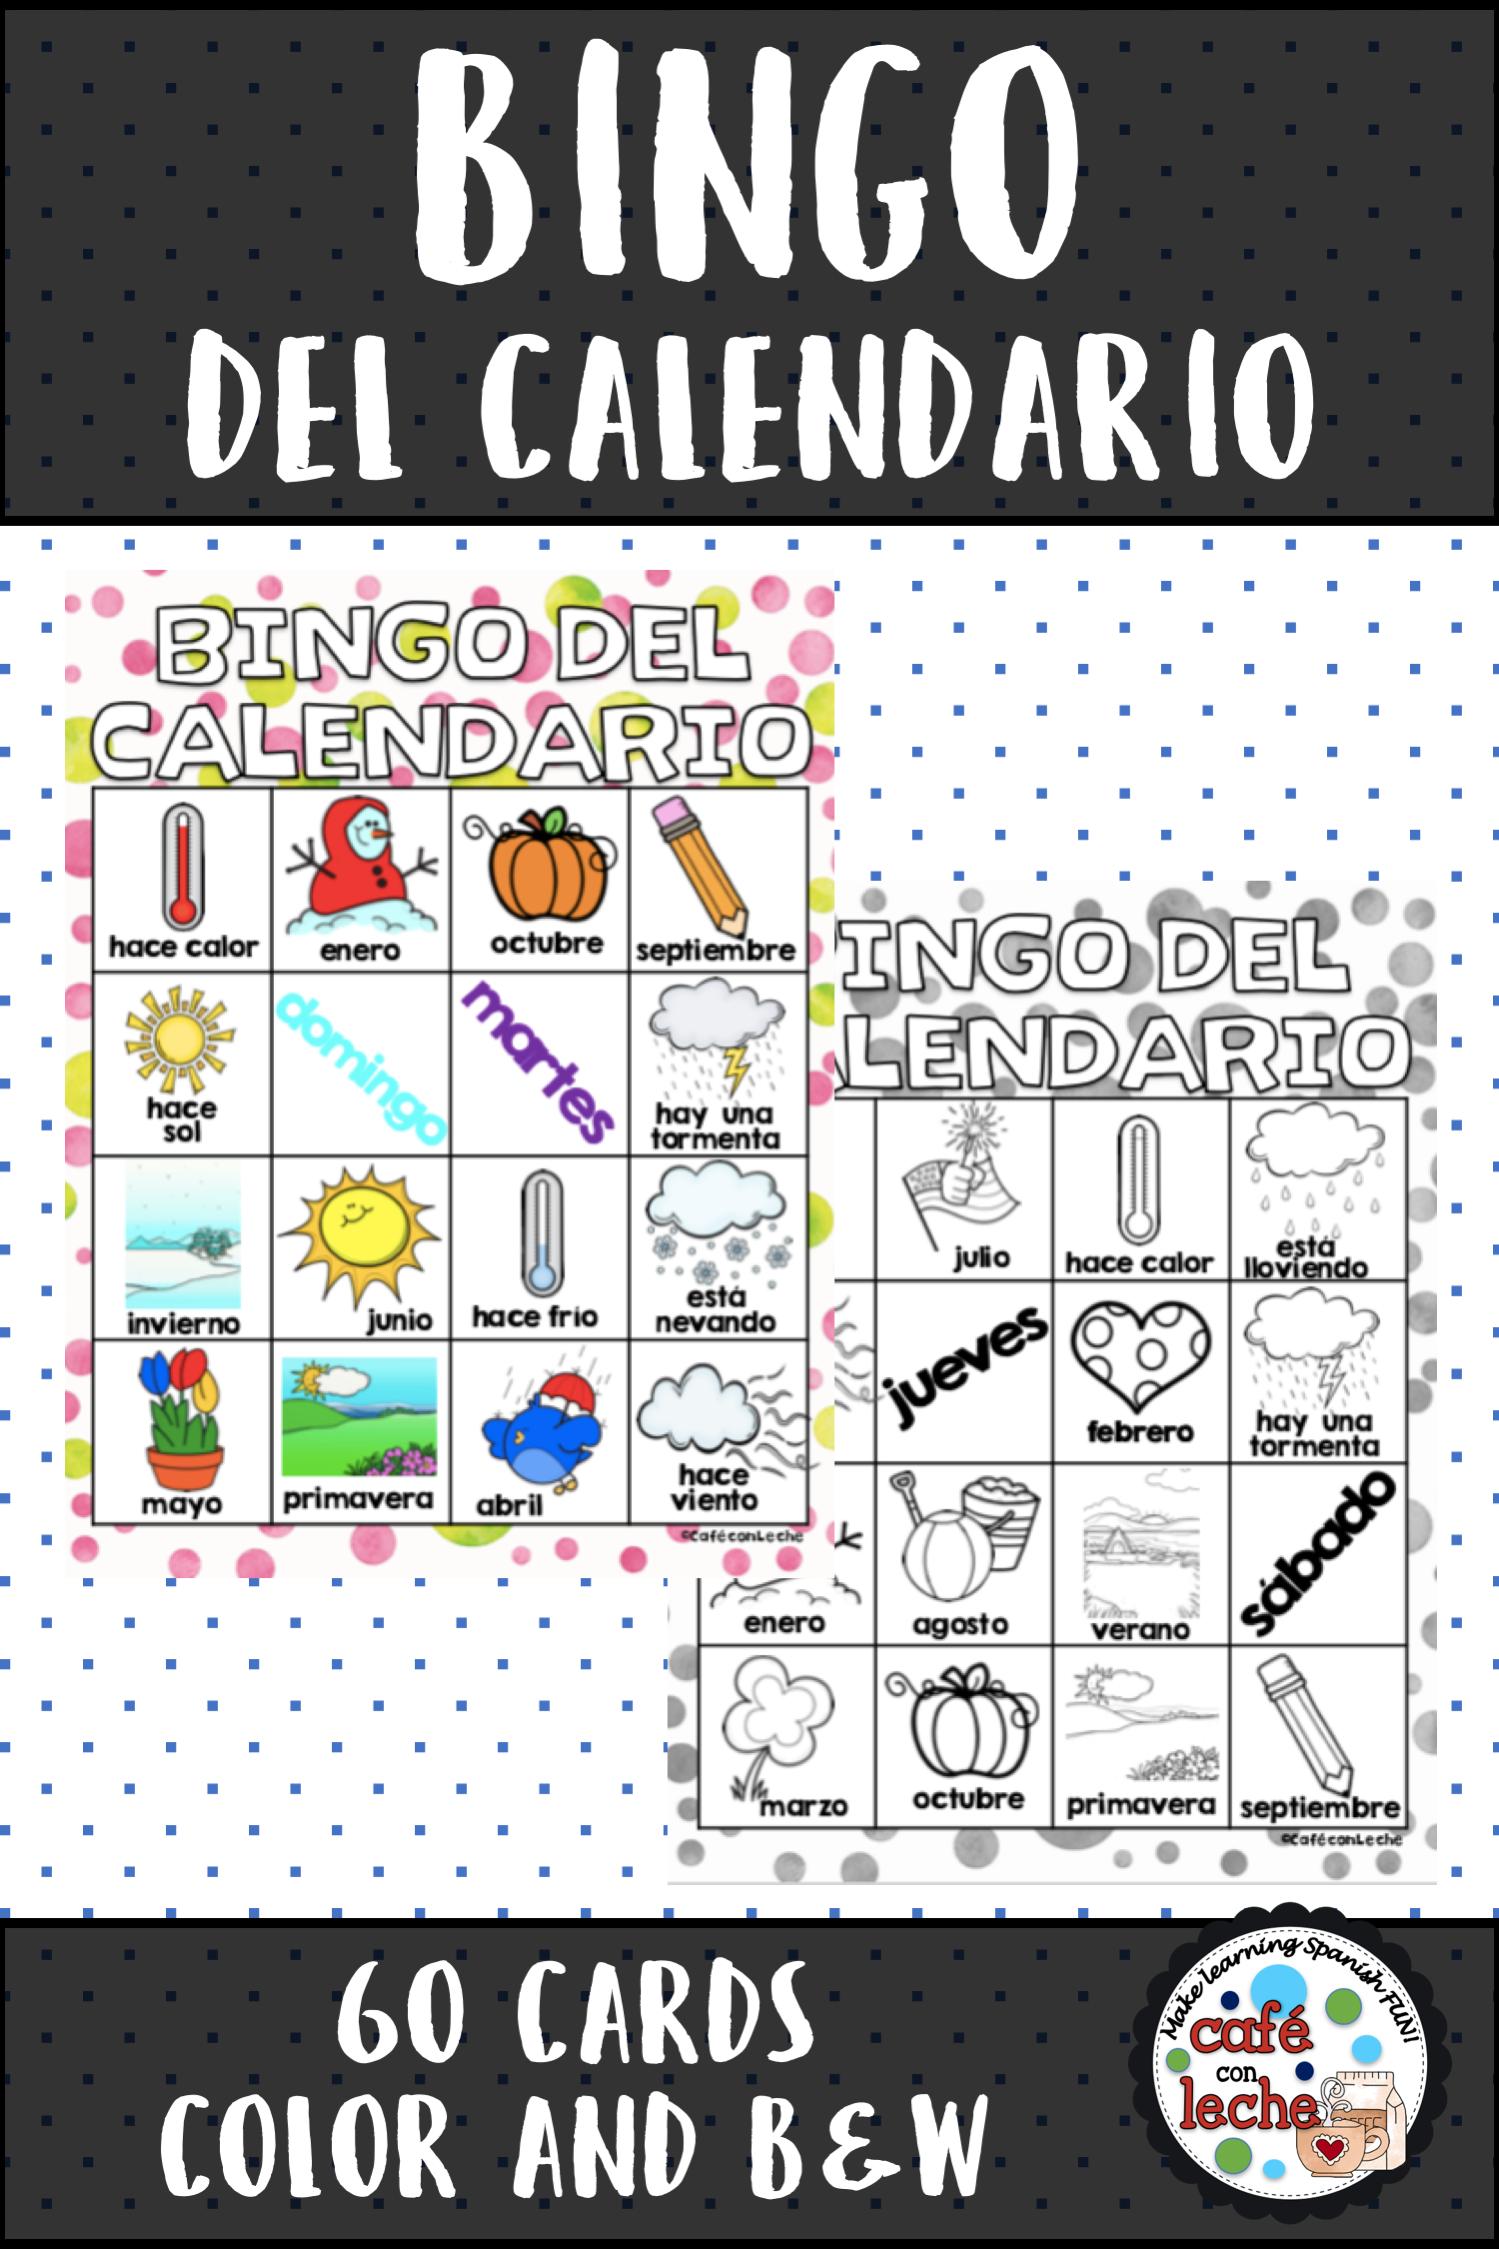 Bingo Del Calendario Spanish Calendar Bingo